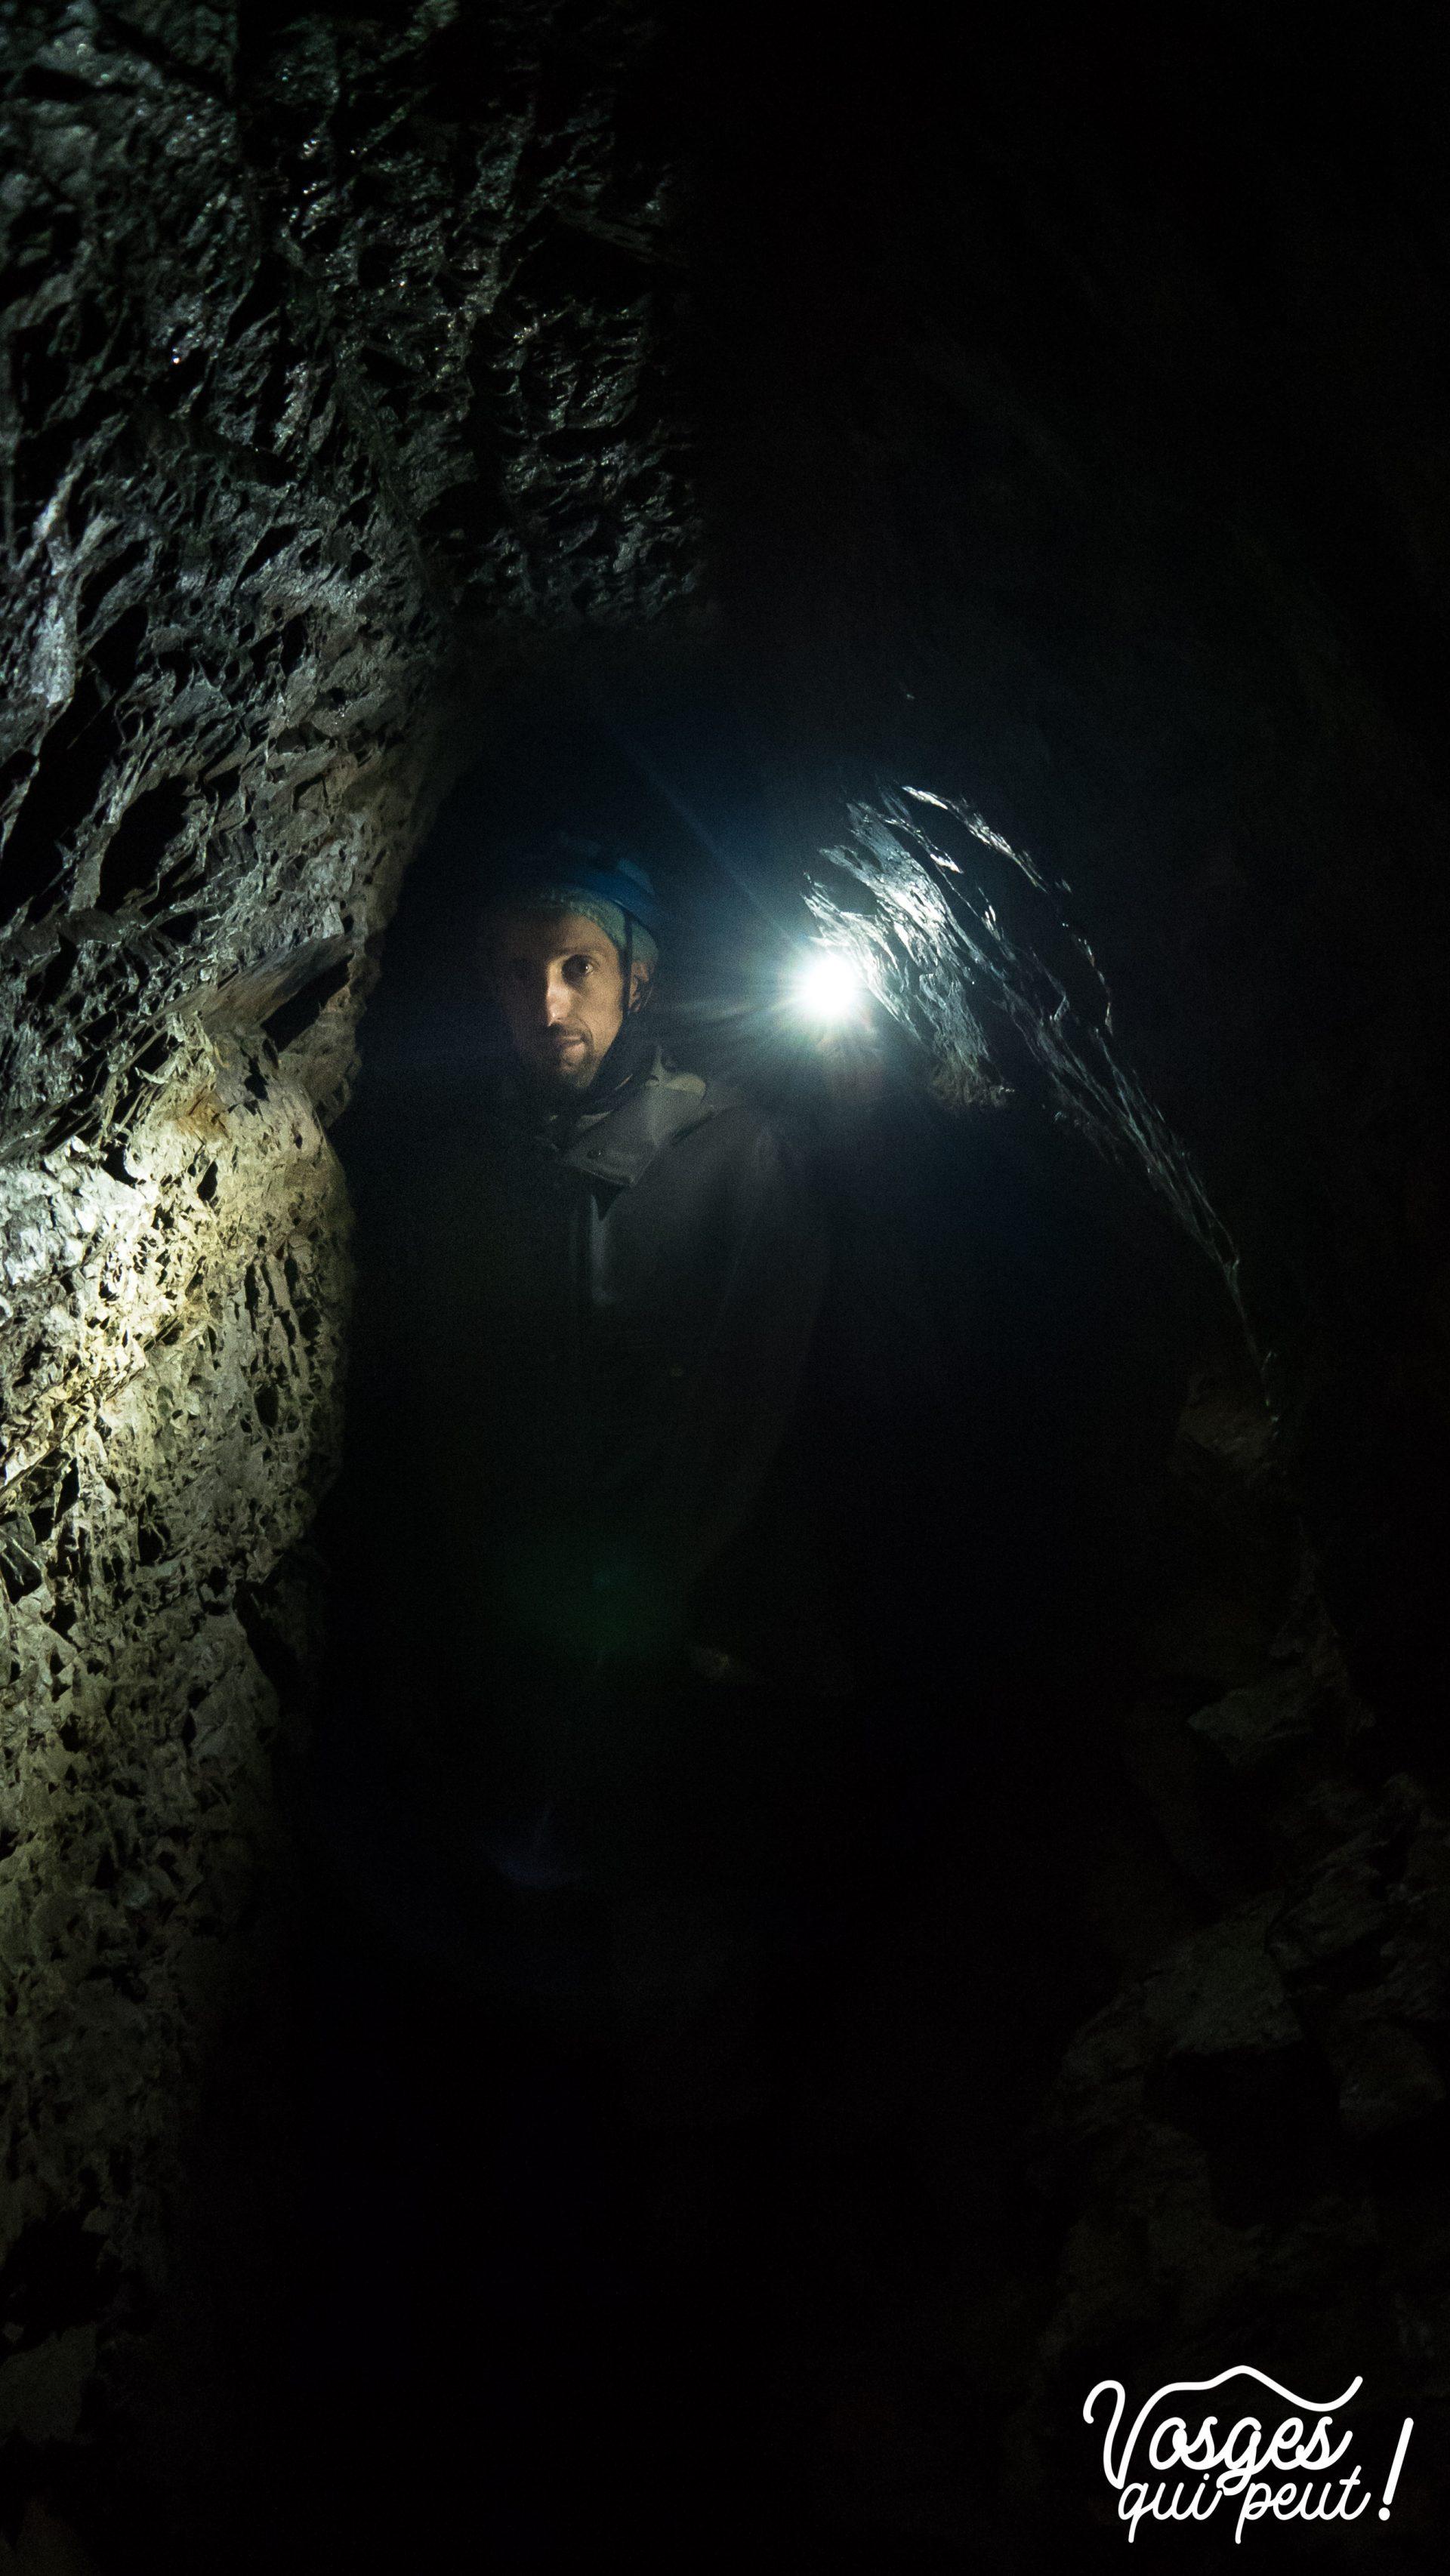 Un visiteur d'une mine d'argent dans le Massif des Vosges